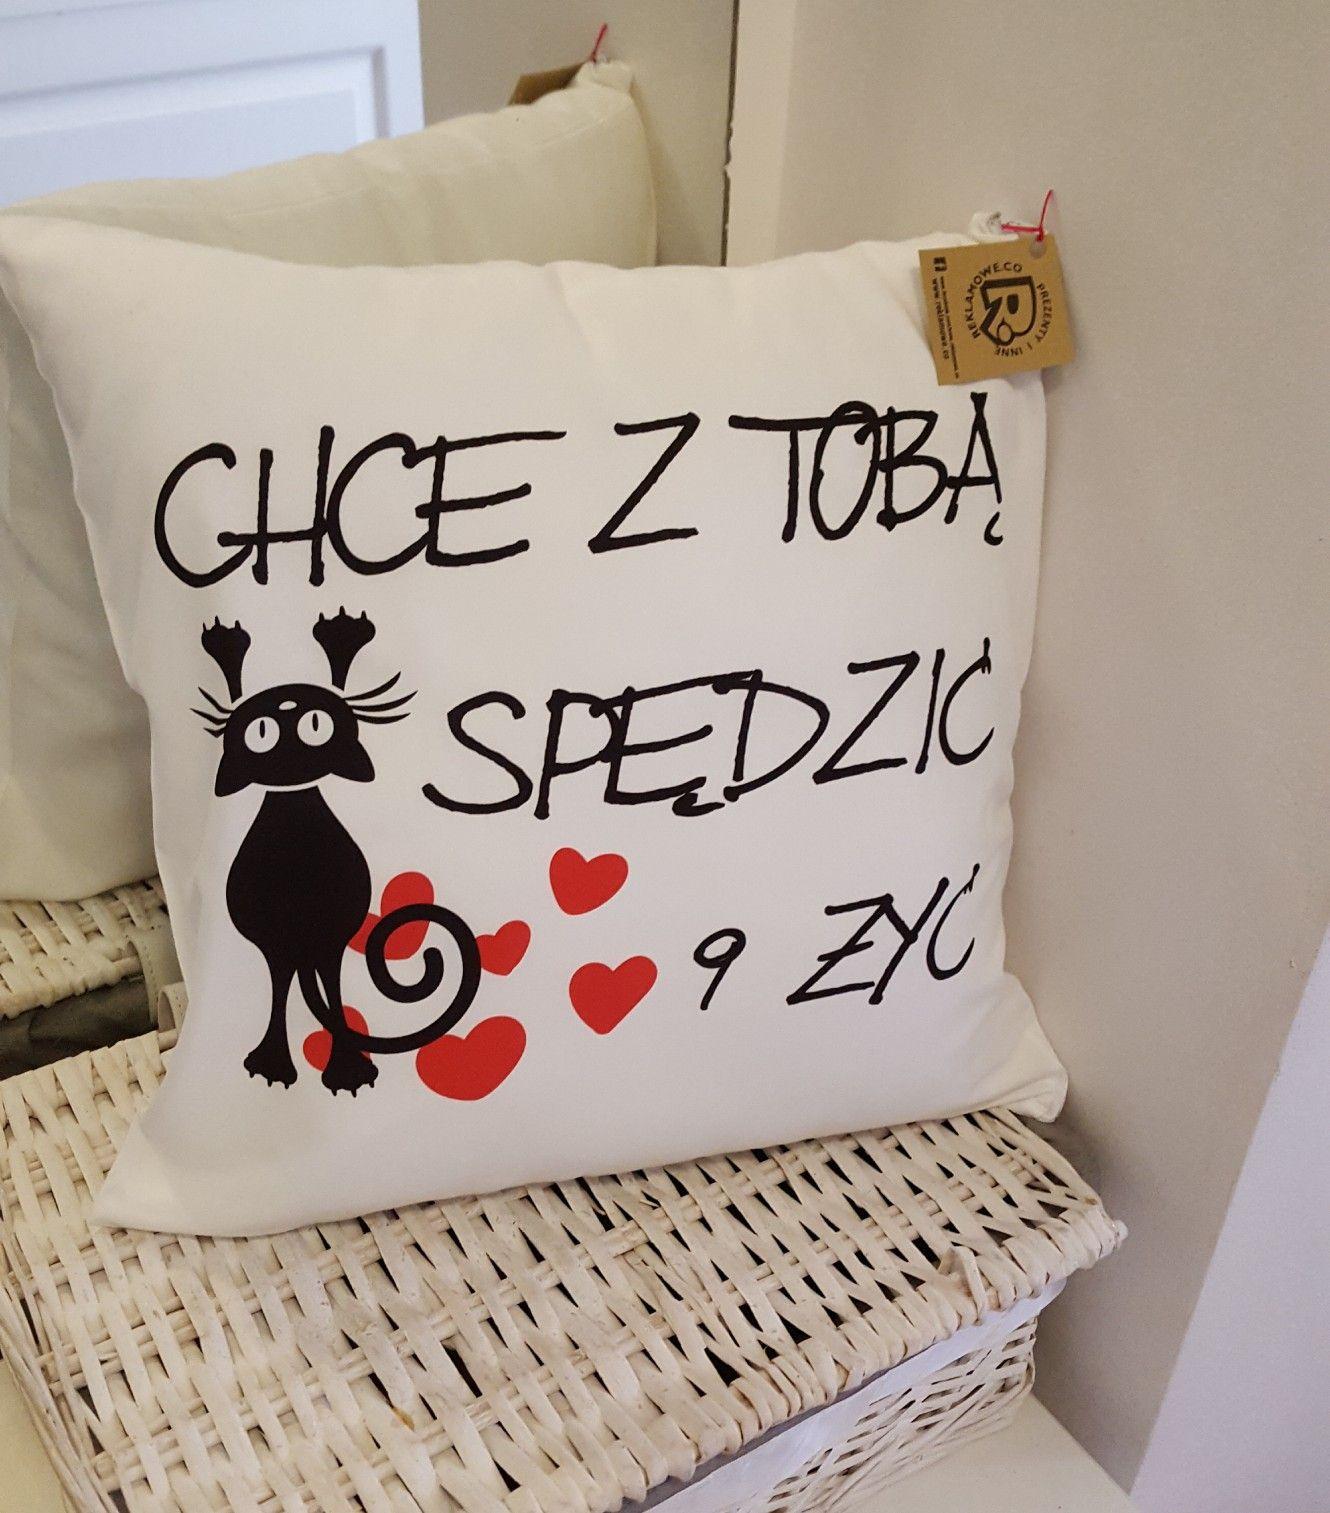 Jak Powiedziec Kocham Cie Poduszka Chce Z Toba Spedzic 9 Zyc Ci W Tym Pomoze Love Kocham Milosc Kot Poduszka Pillow Poduszka Poduszki